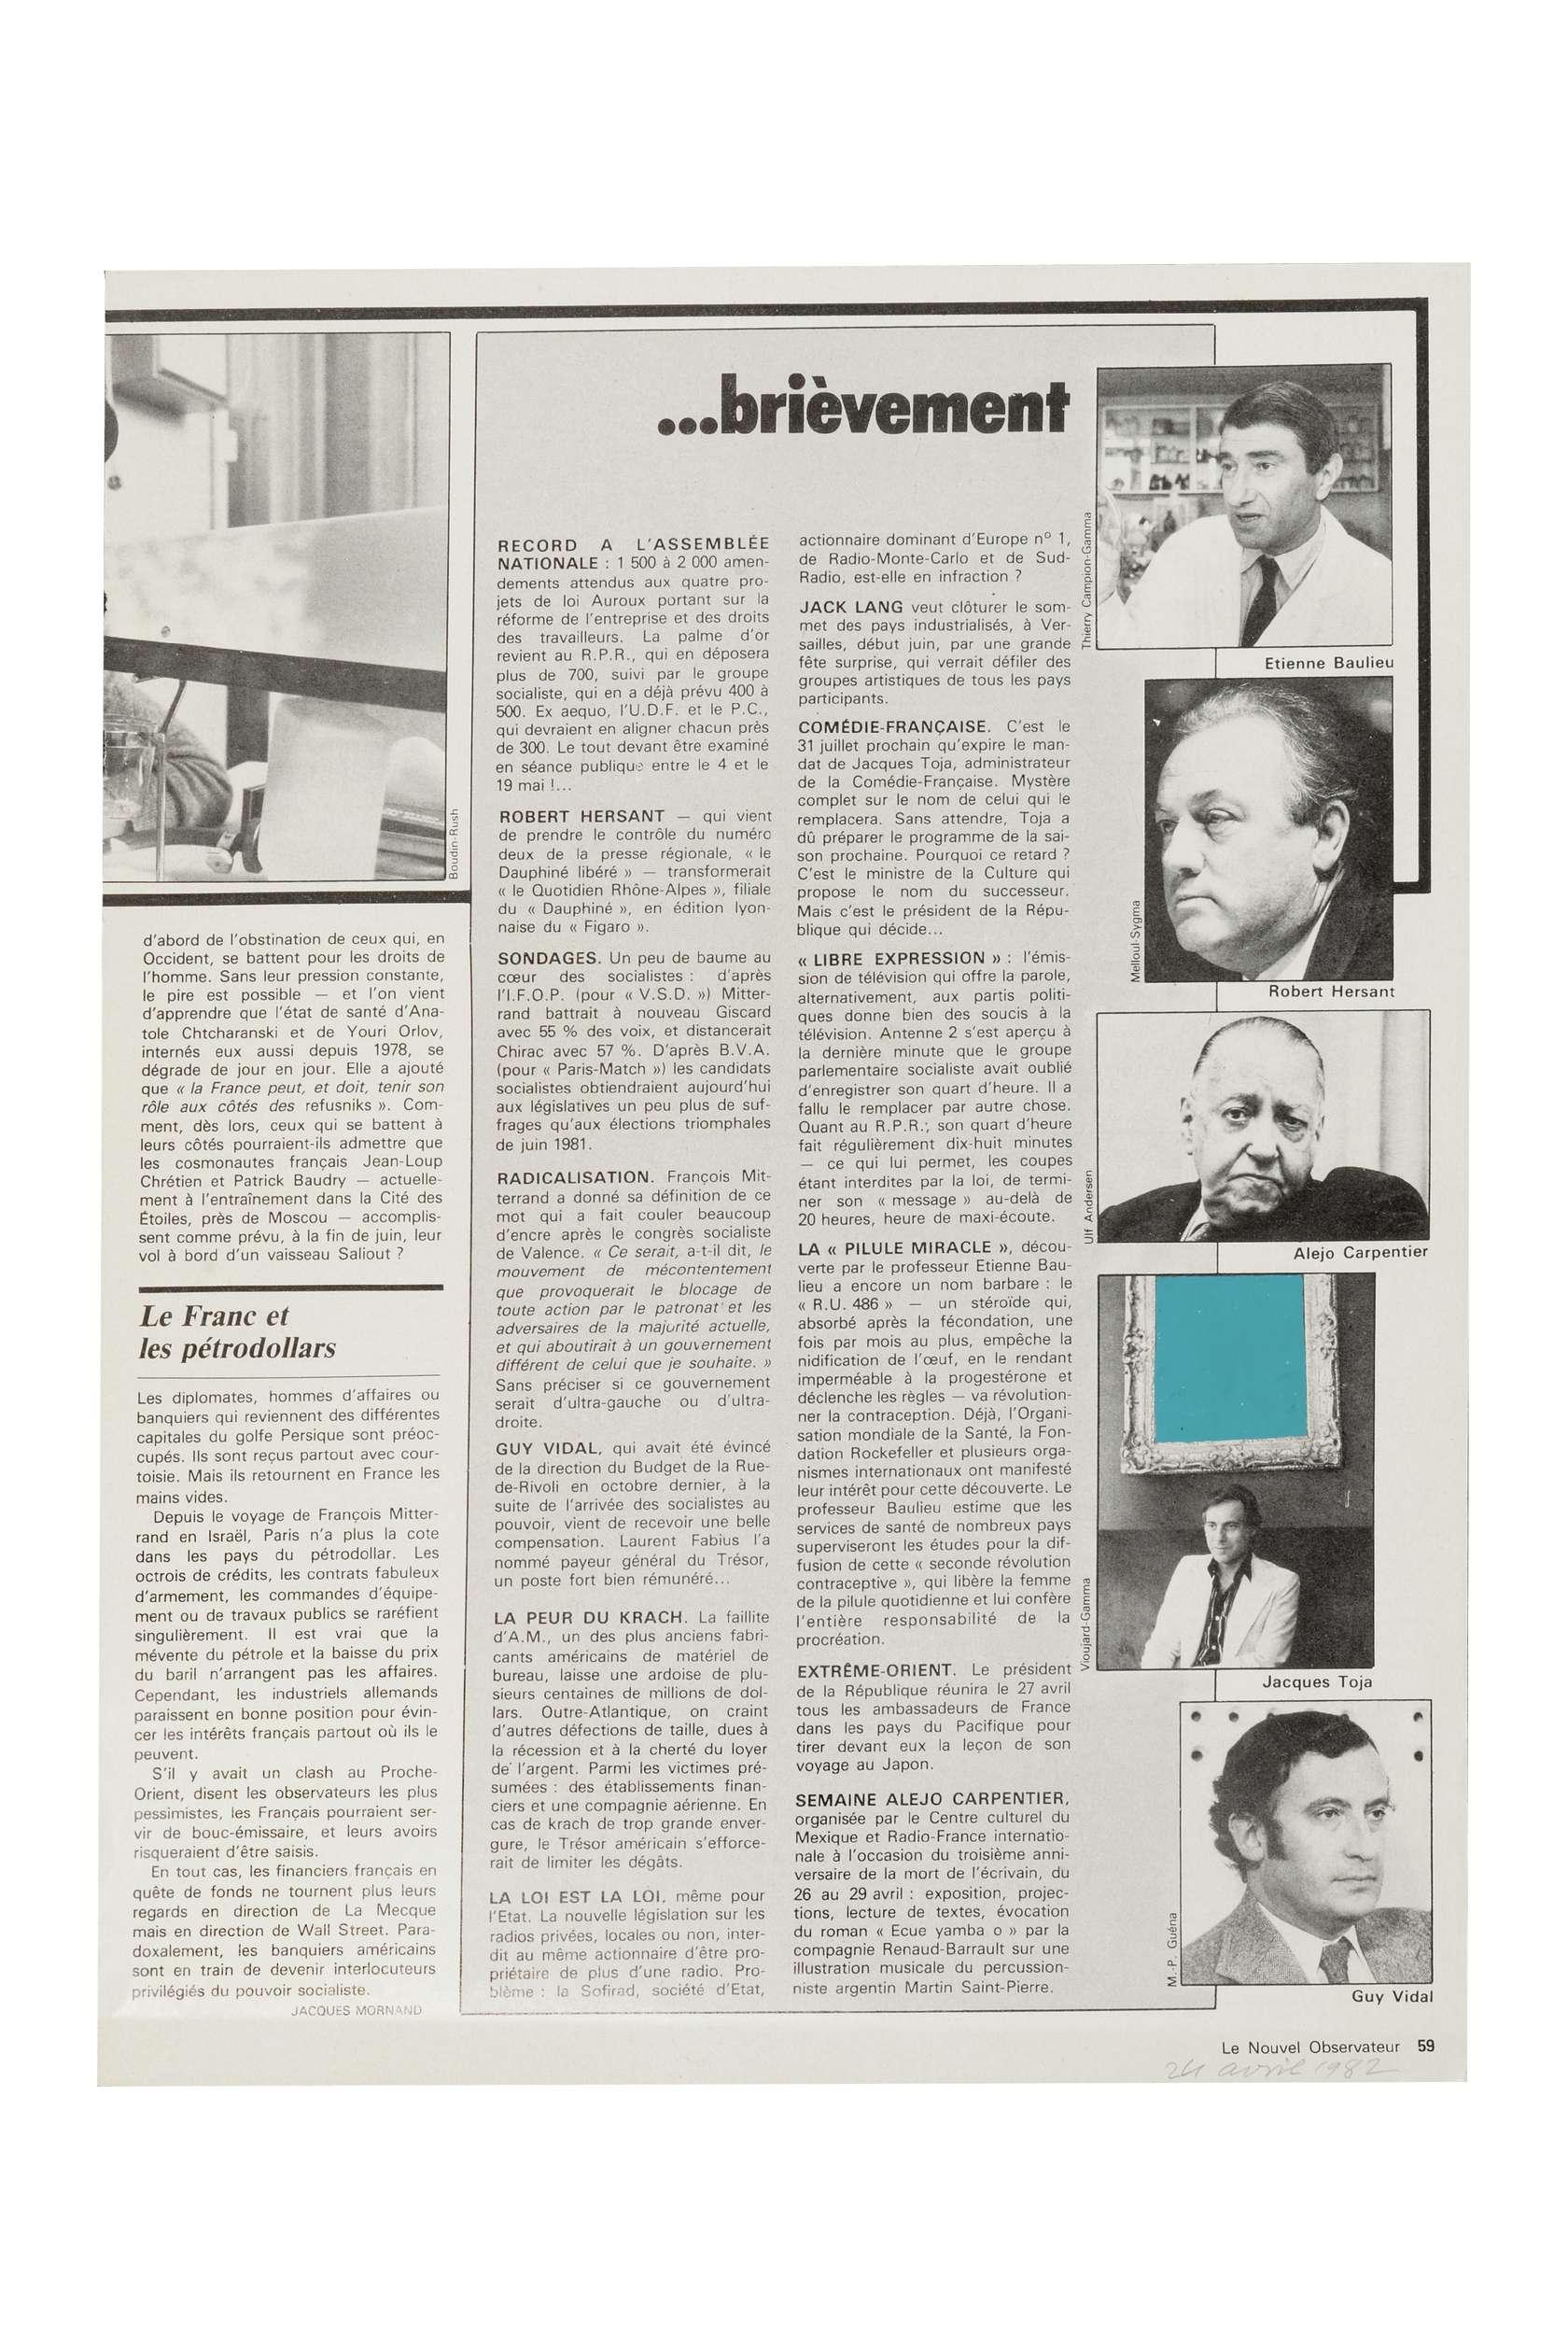 Ernest T., Le Nouvel Observateur 24 Avril 1982, 1982 Laque sur page de journal29.7 x 22.2 cm / 11 6/8 x 8 6/8 inches